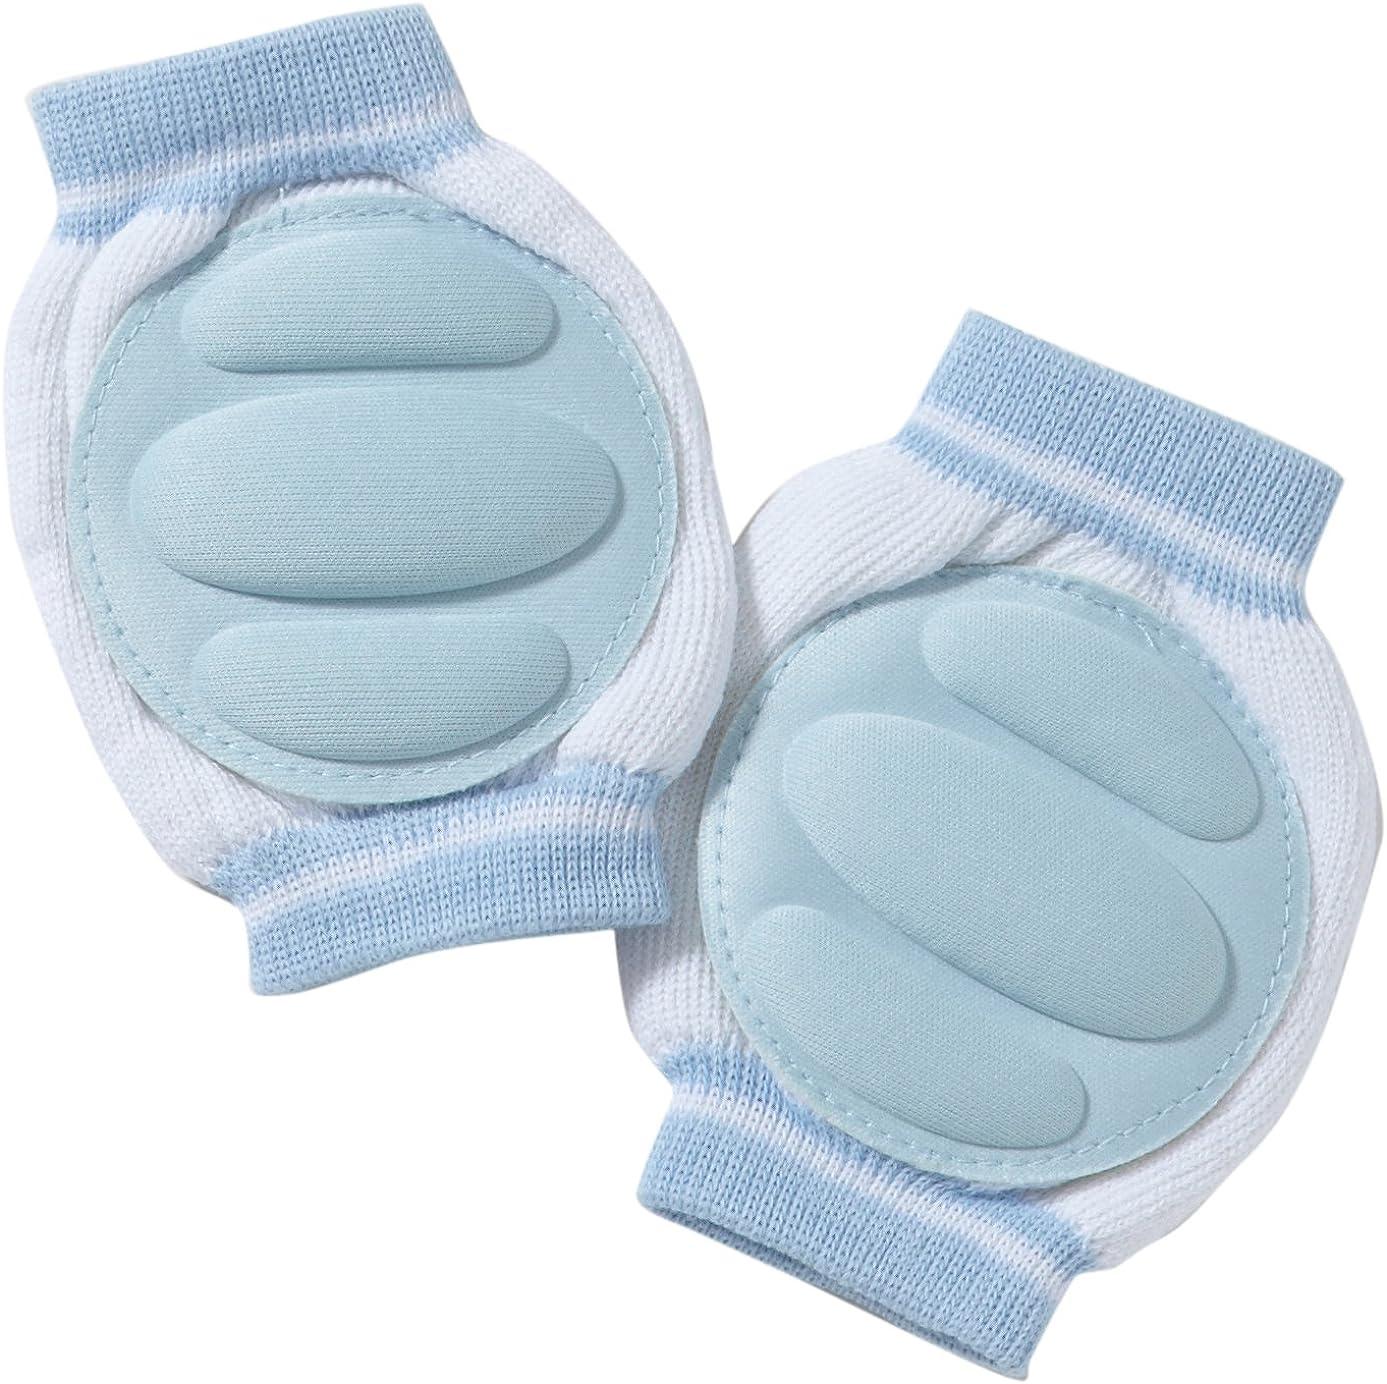 Playshoes Knieschoner Einheitsgröße für Kinder